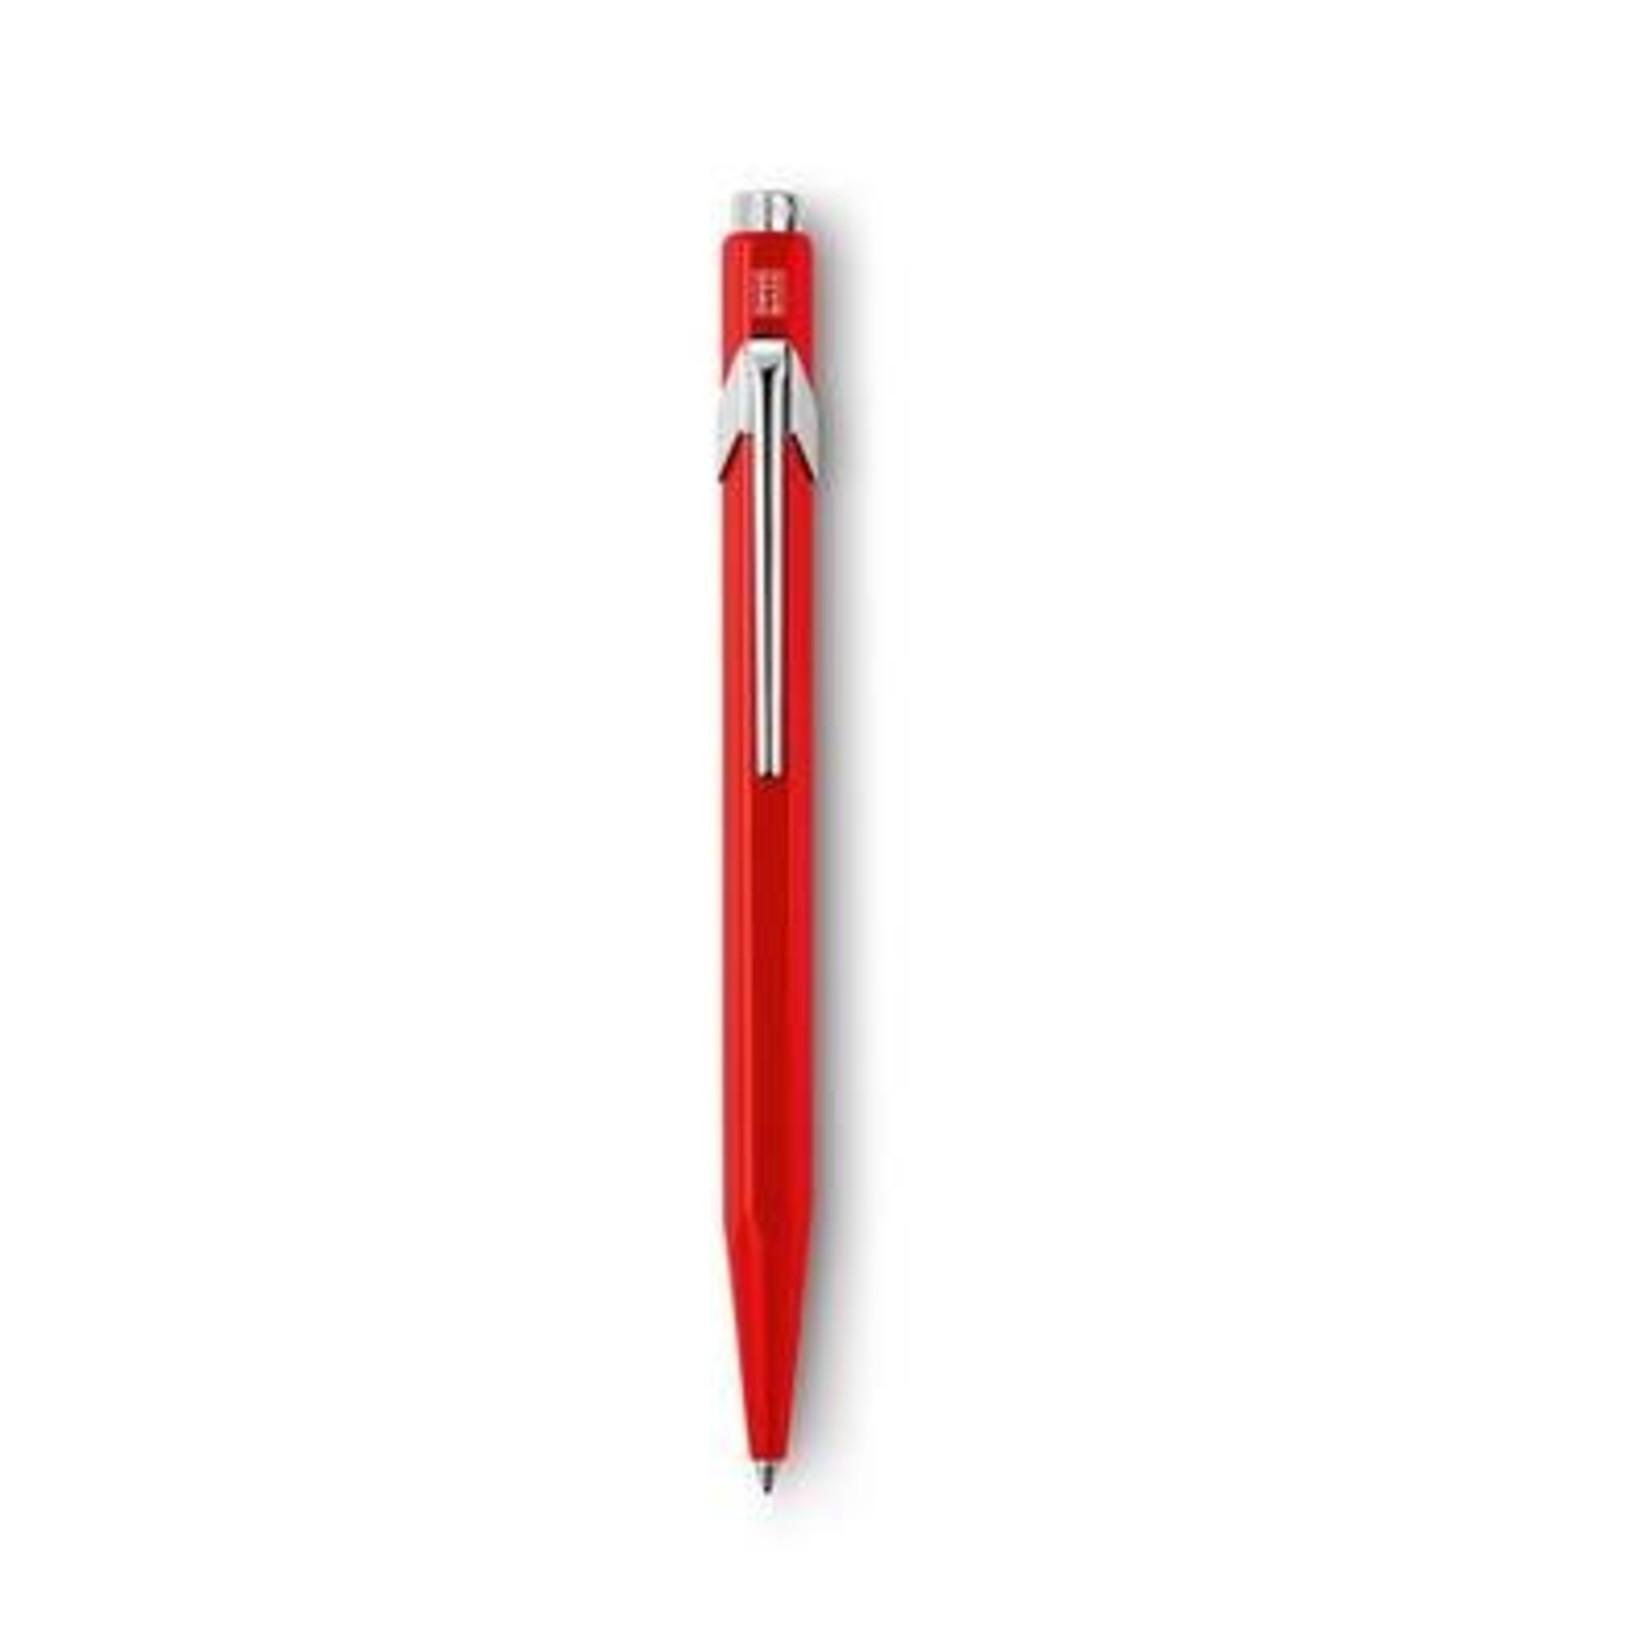 Caran d'Ache 849 Kugelschreiber lose lackiert rot